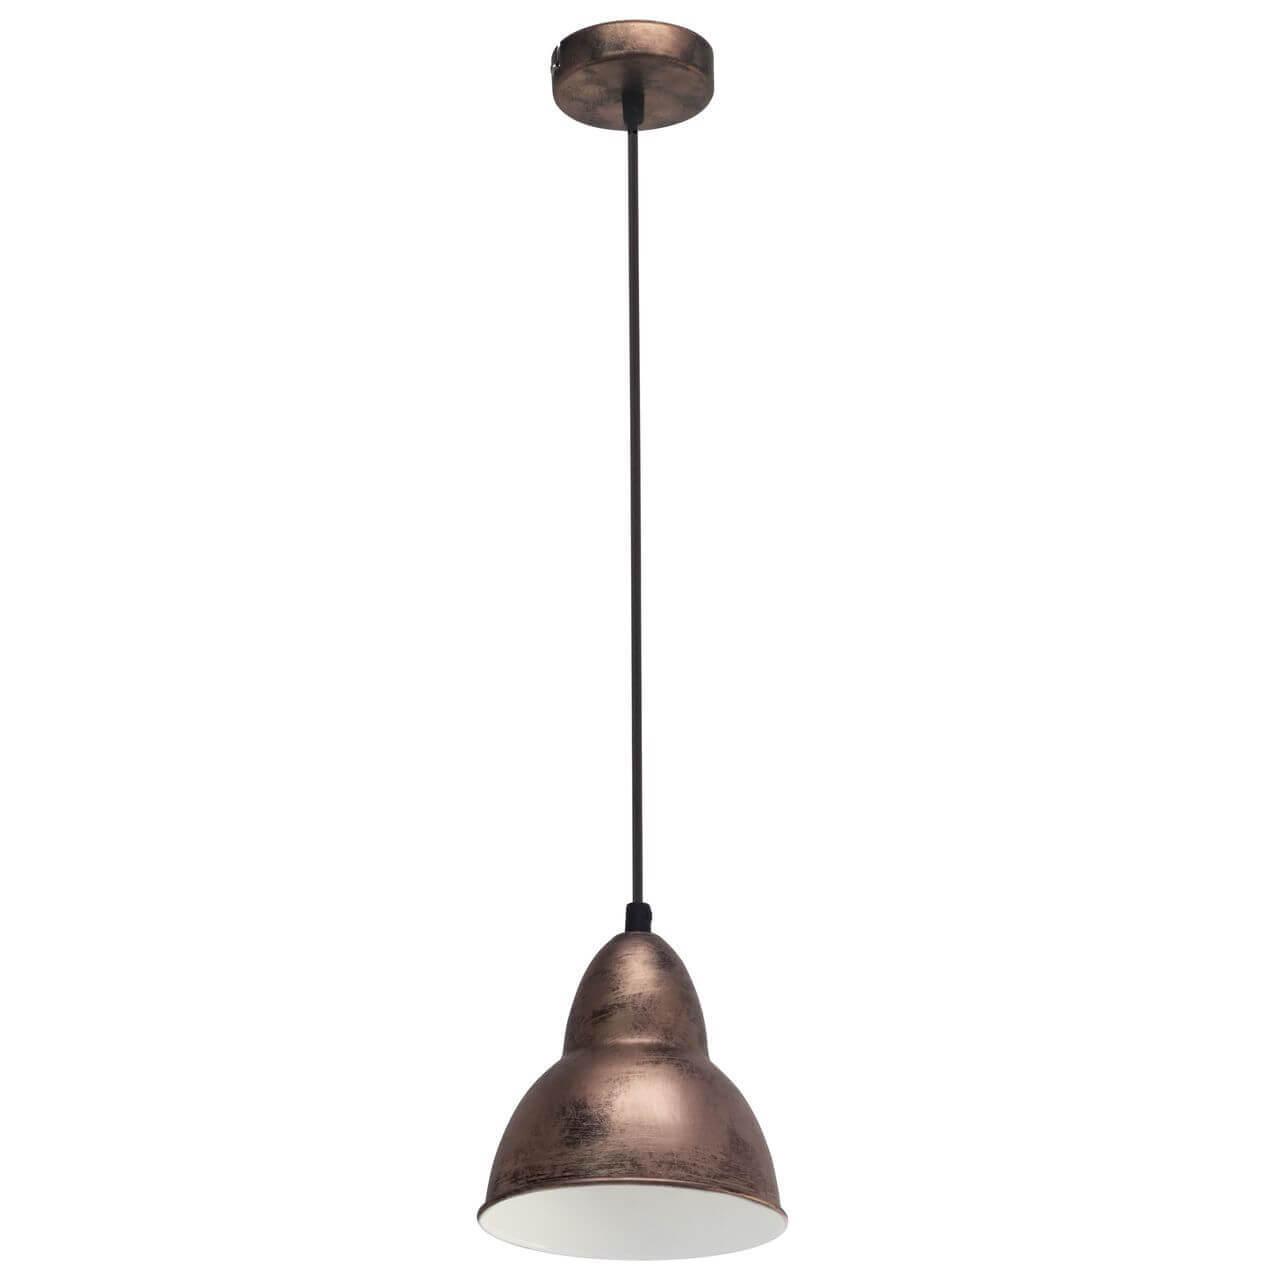 Светильник Eglo 49235 Vintage